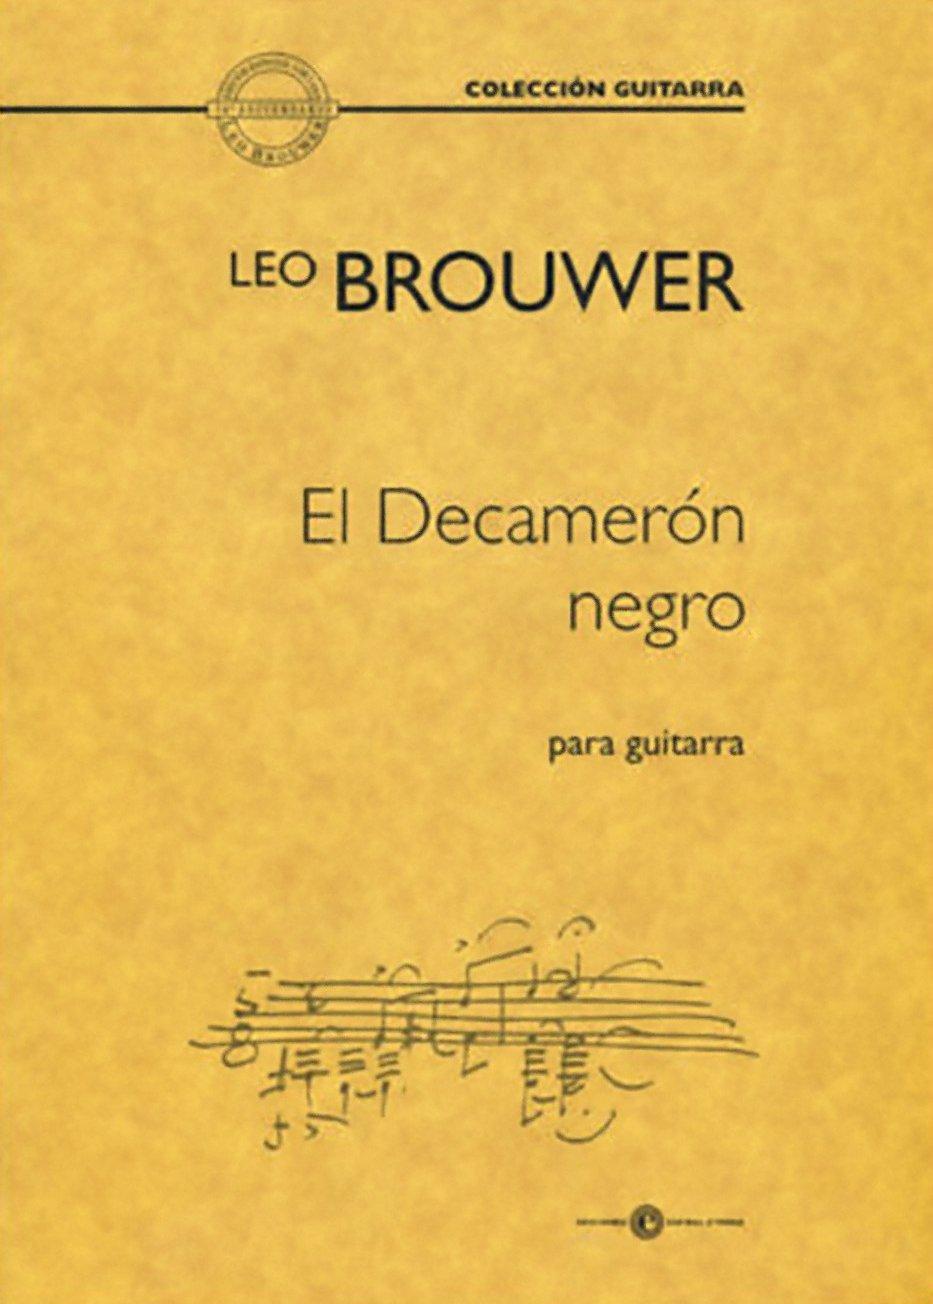 Leo Brouwer, El Decameron Negro